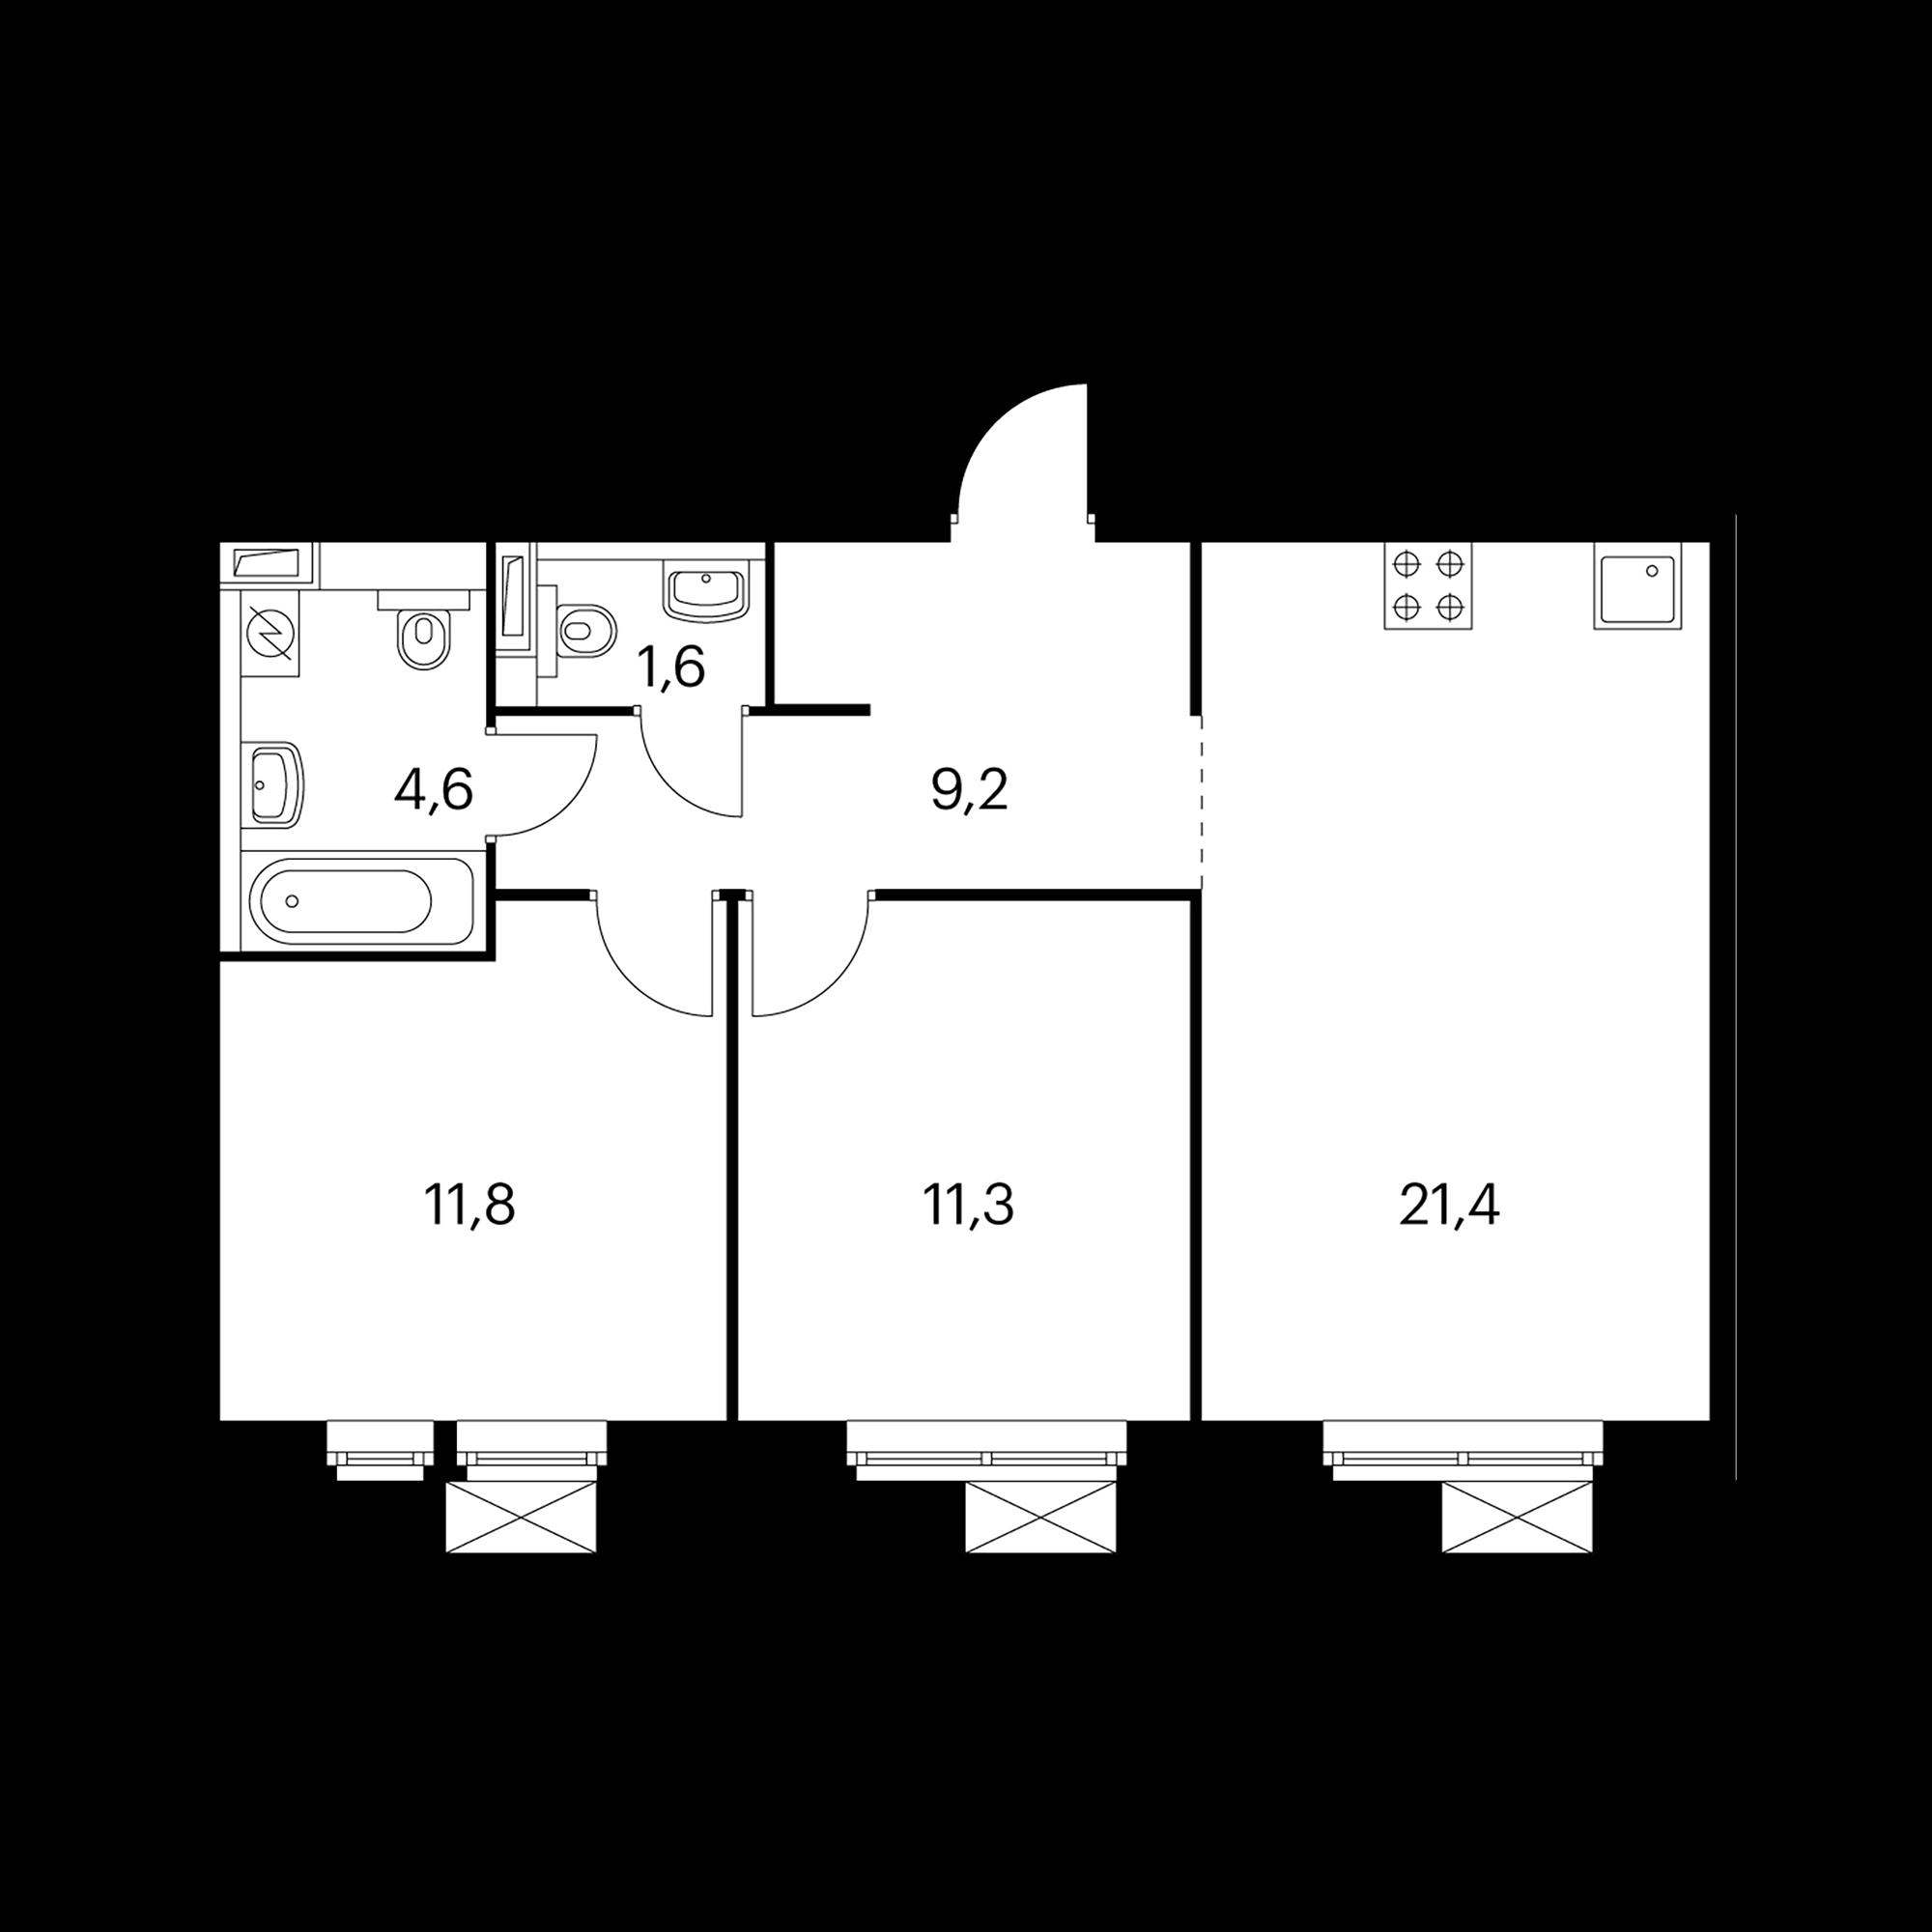 2EM9_10.5-1_S_A2